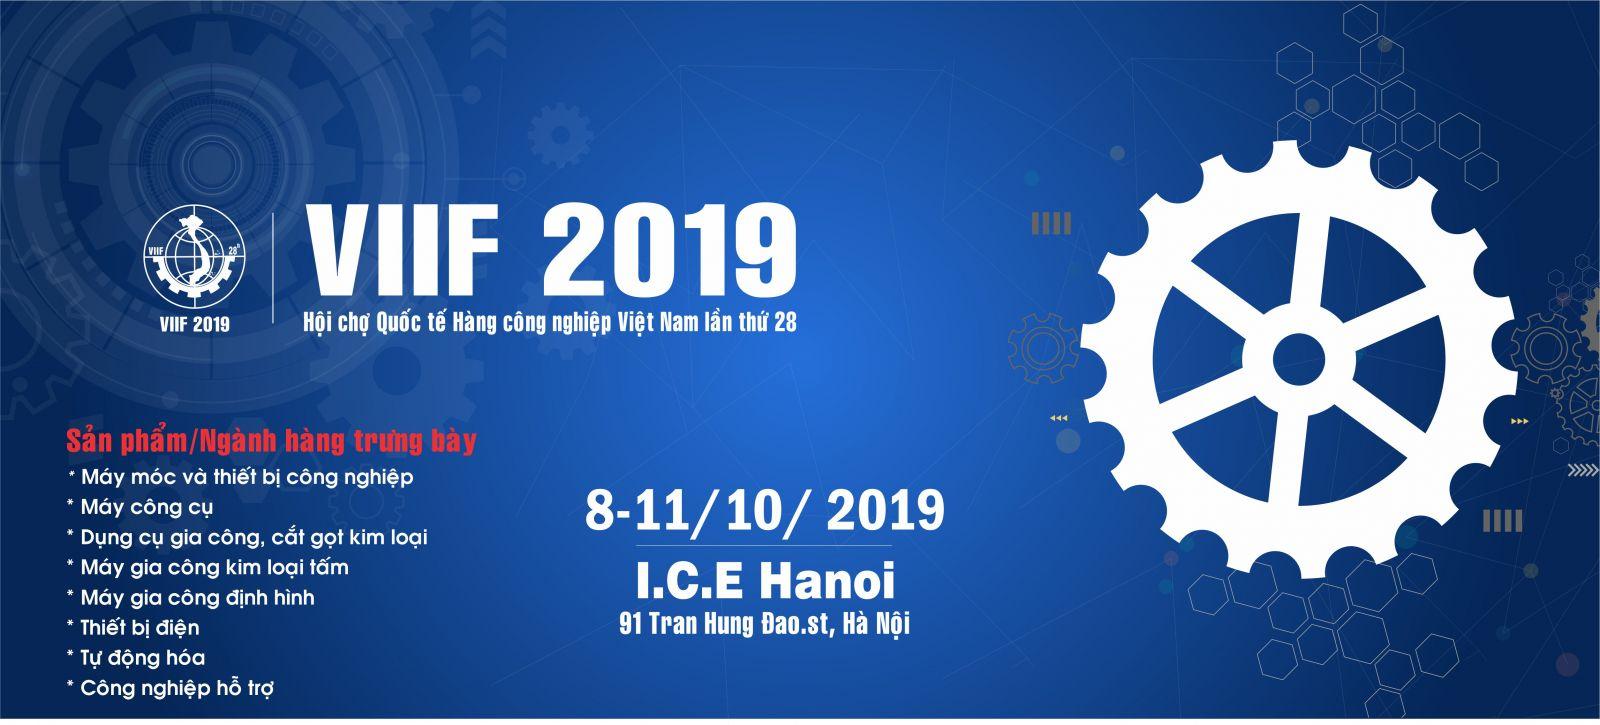 Dấu ấn của KIMSEN tại Hội chợ VIIF 2019